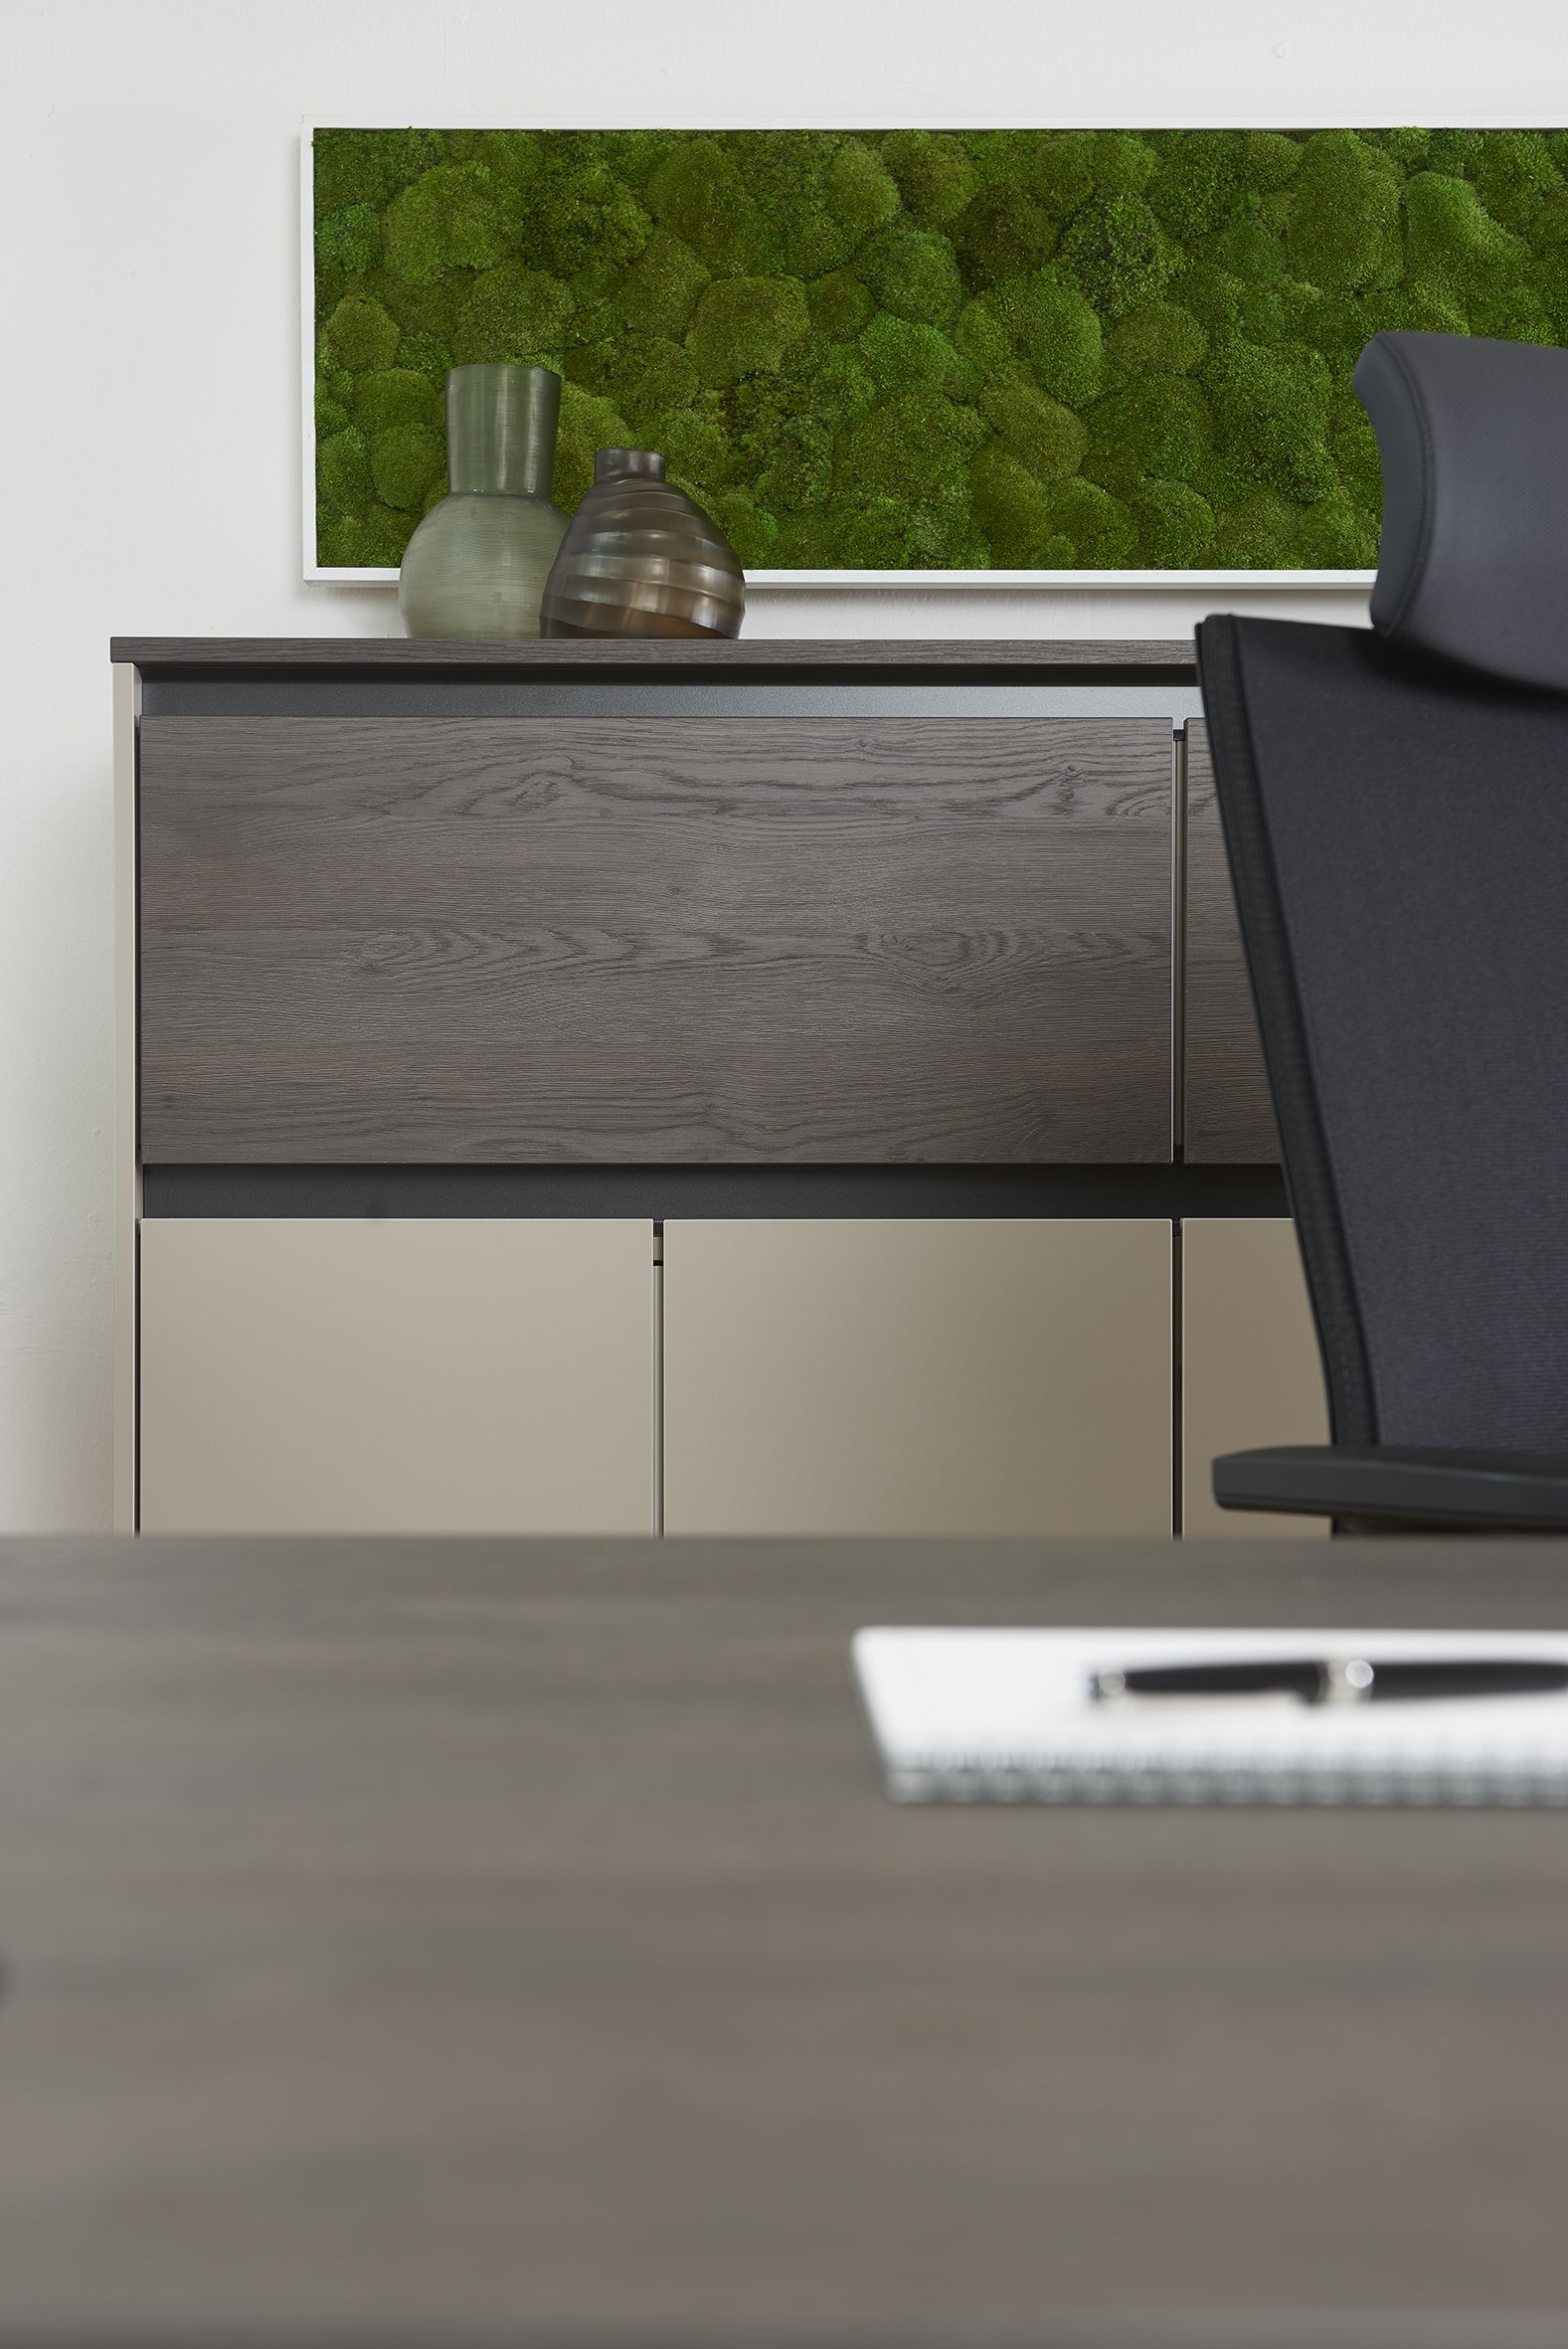 schrank purline von febr griffloses modernes design sorgt f r wohnliches ambiente im b ro. Black Bedroom Furniture Sets. Home Design Ideas